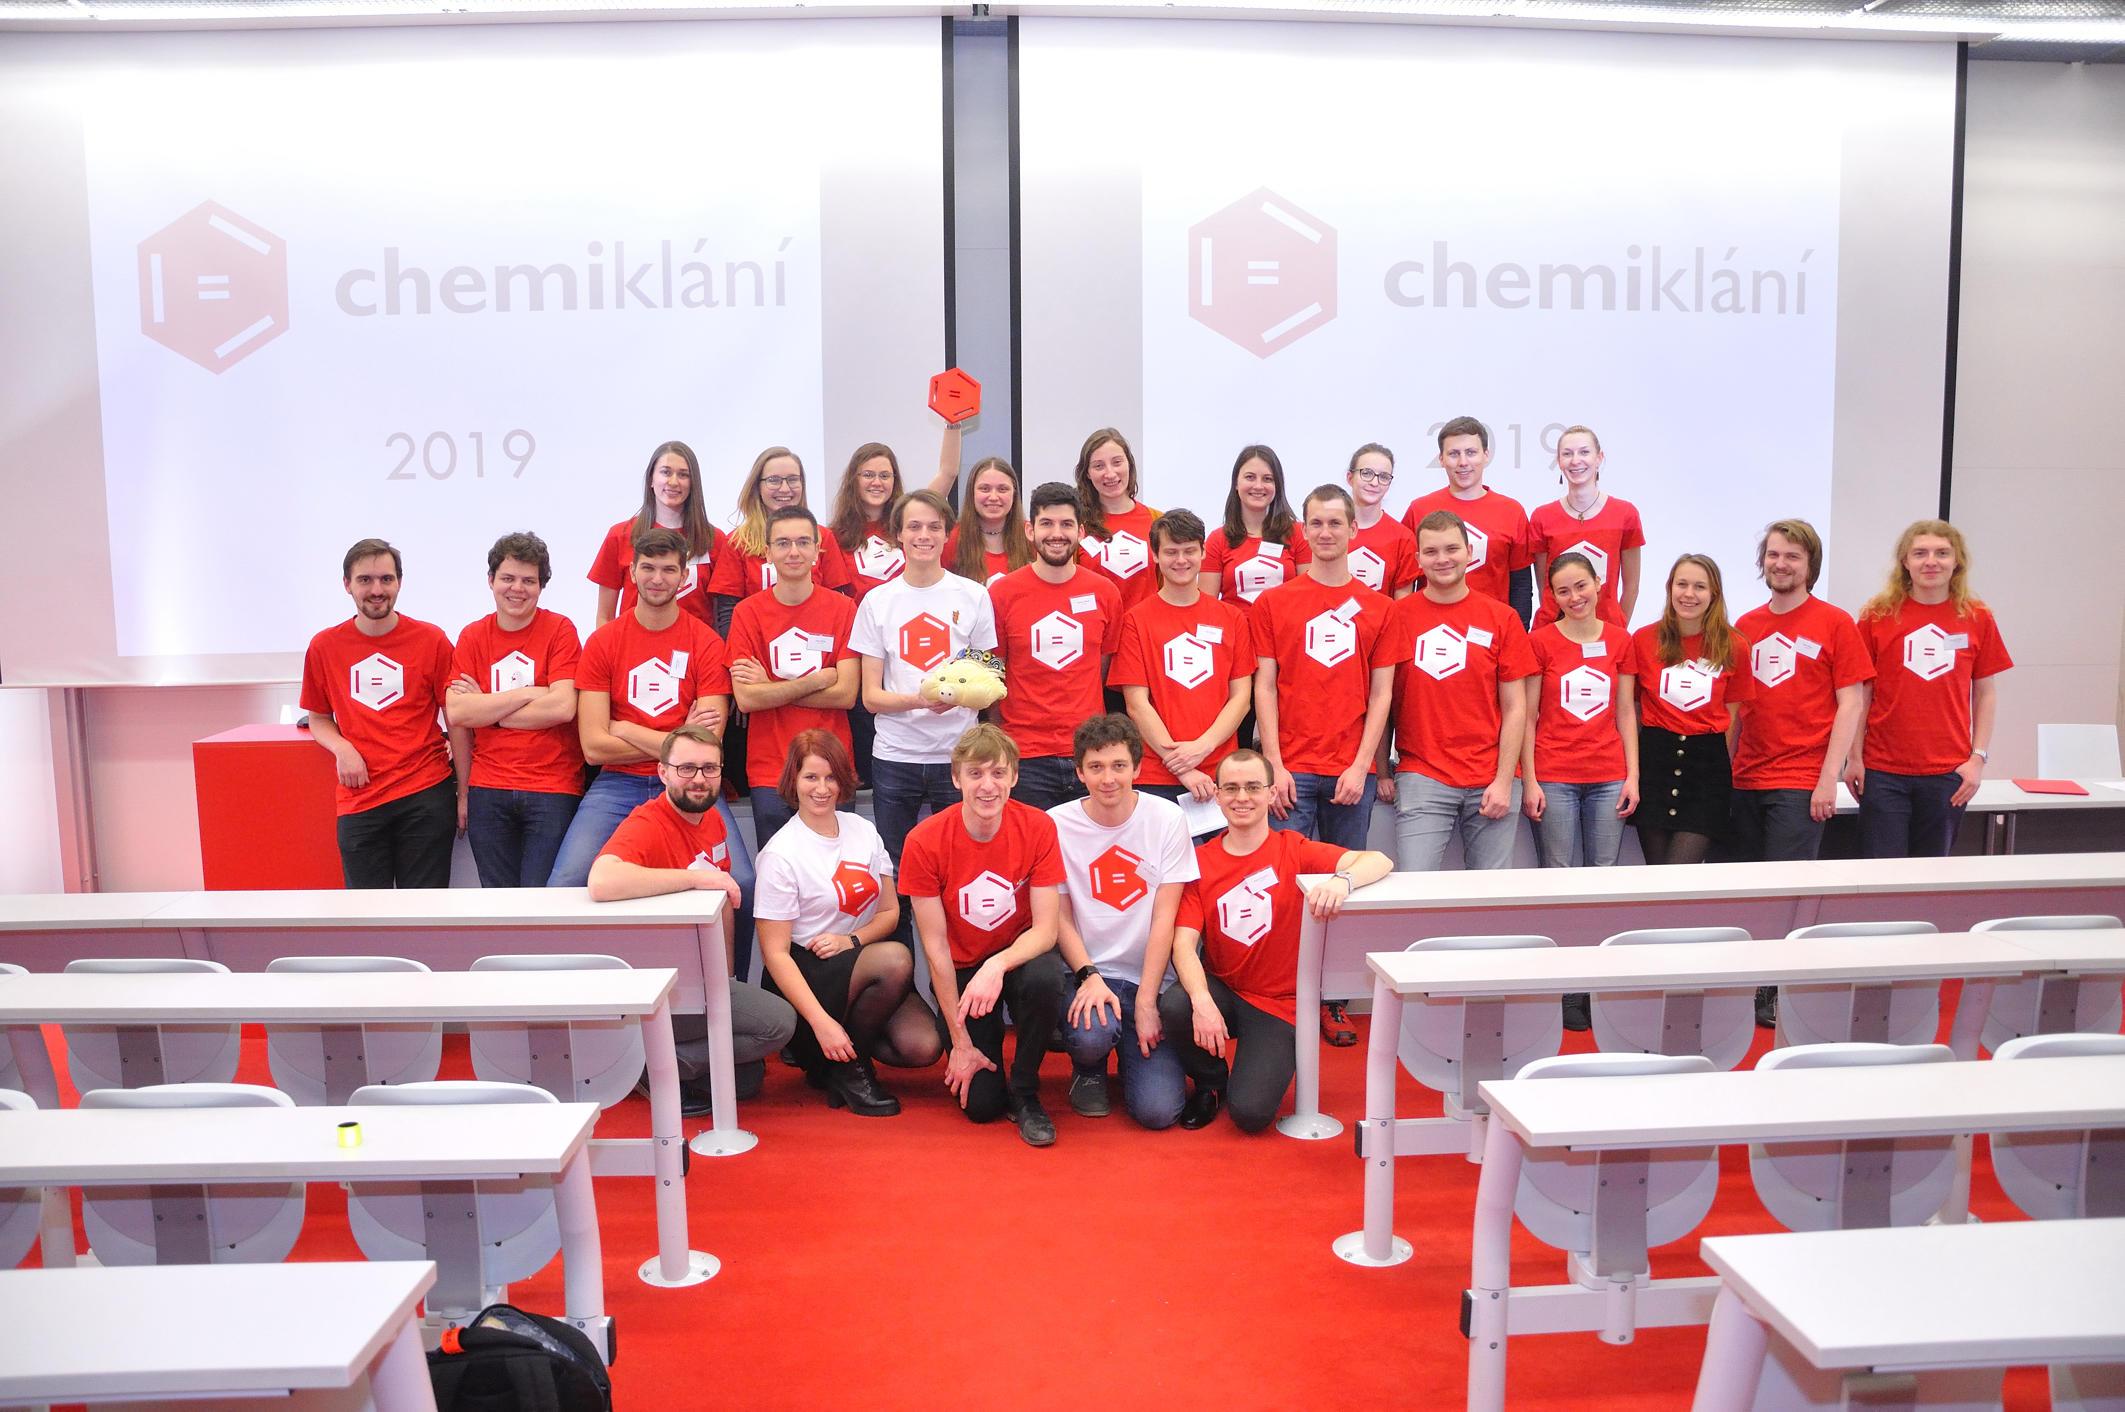 Chemiklání 2019